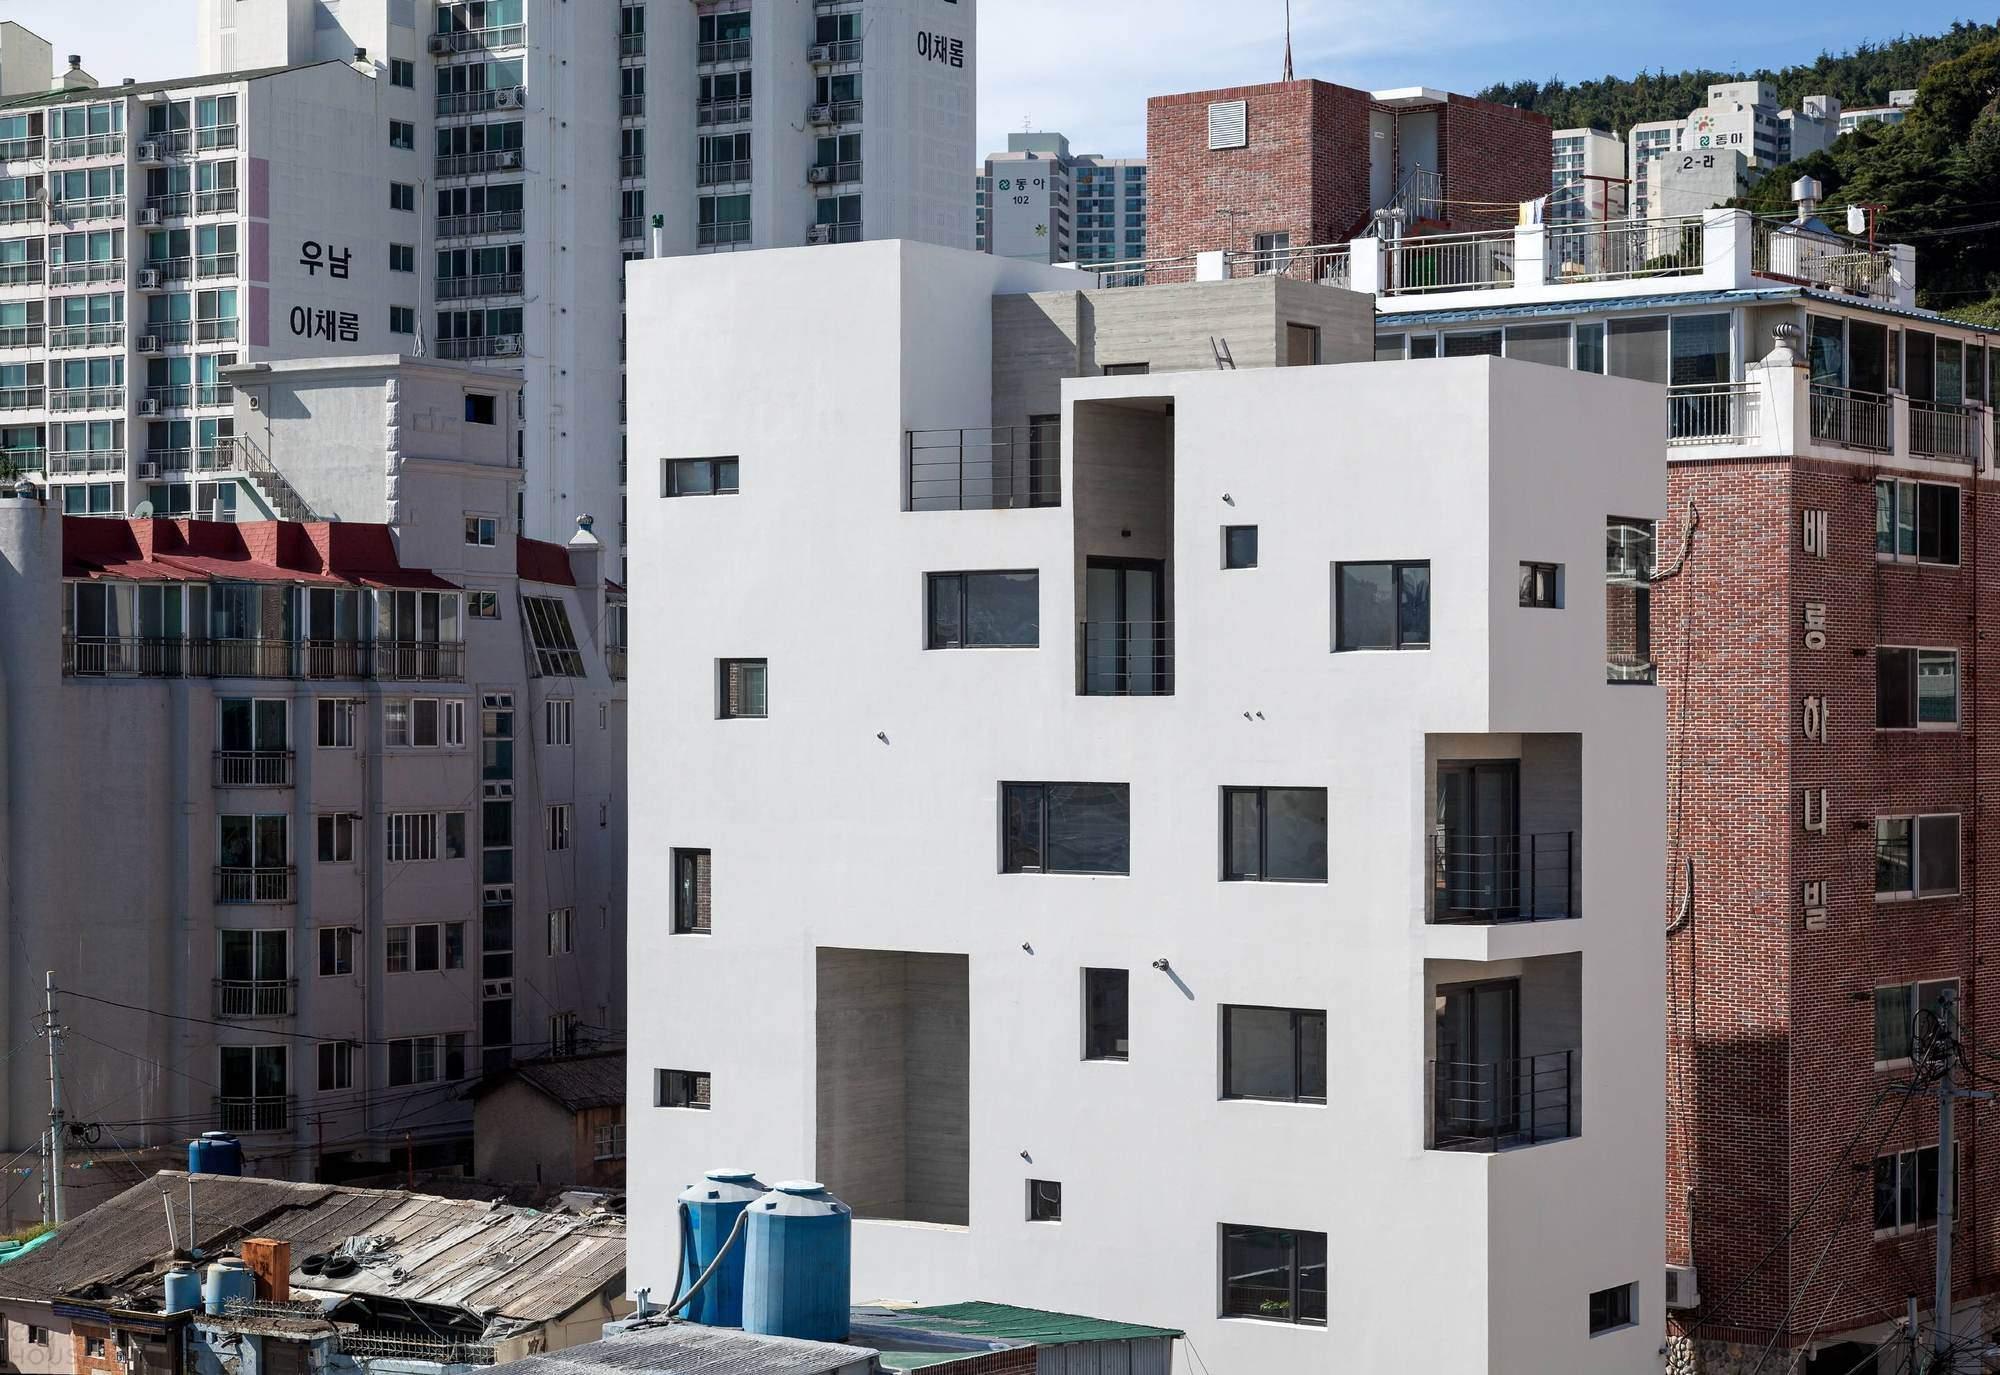 Гостевой дом Morning Dew в Южной Корее